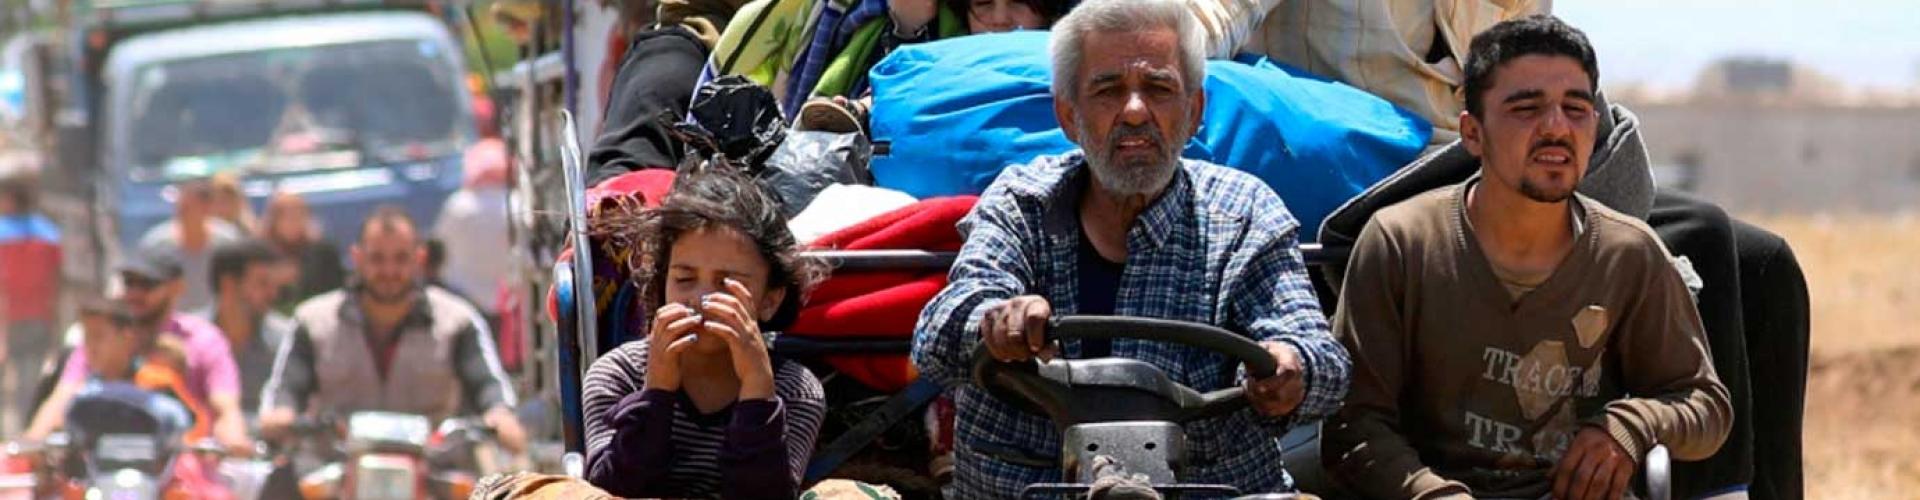 คำแถลงโดยนายฟิลลิปโป กรันดี ข้าหลวงใหญ่ UNHCR เกี่ยวกับสถานการณ์ทางตะวันตกเฉียงใต้ของซีเรีย